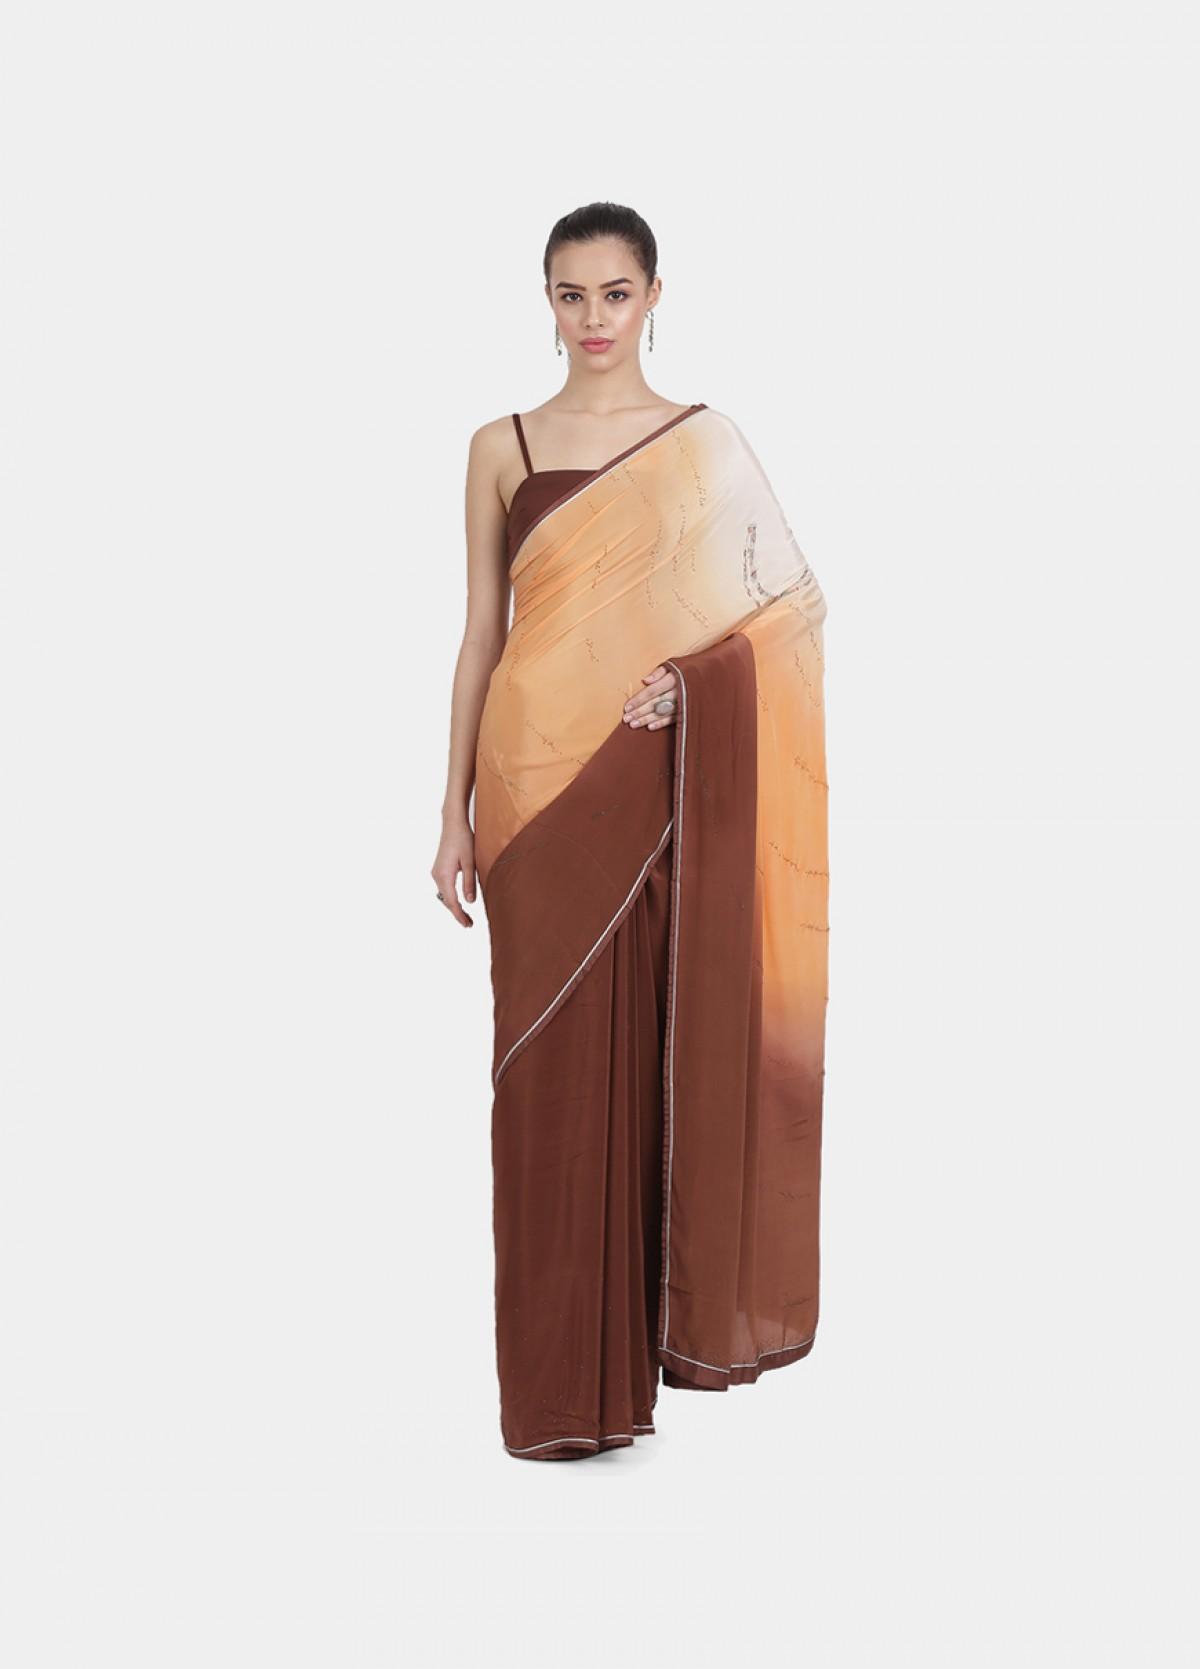 The Om Sari